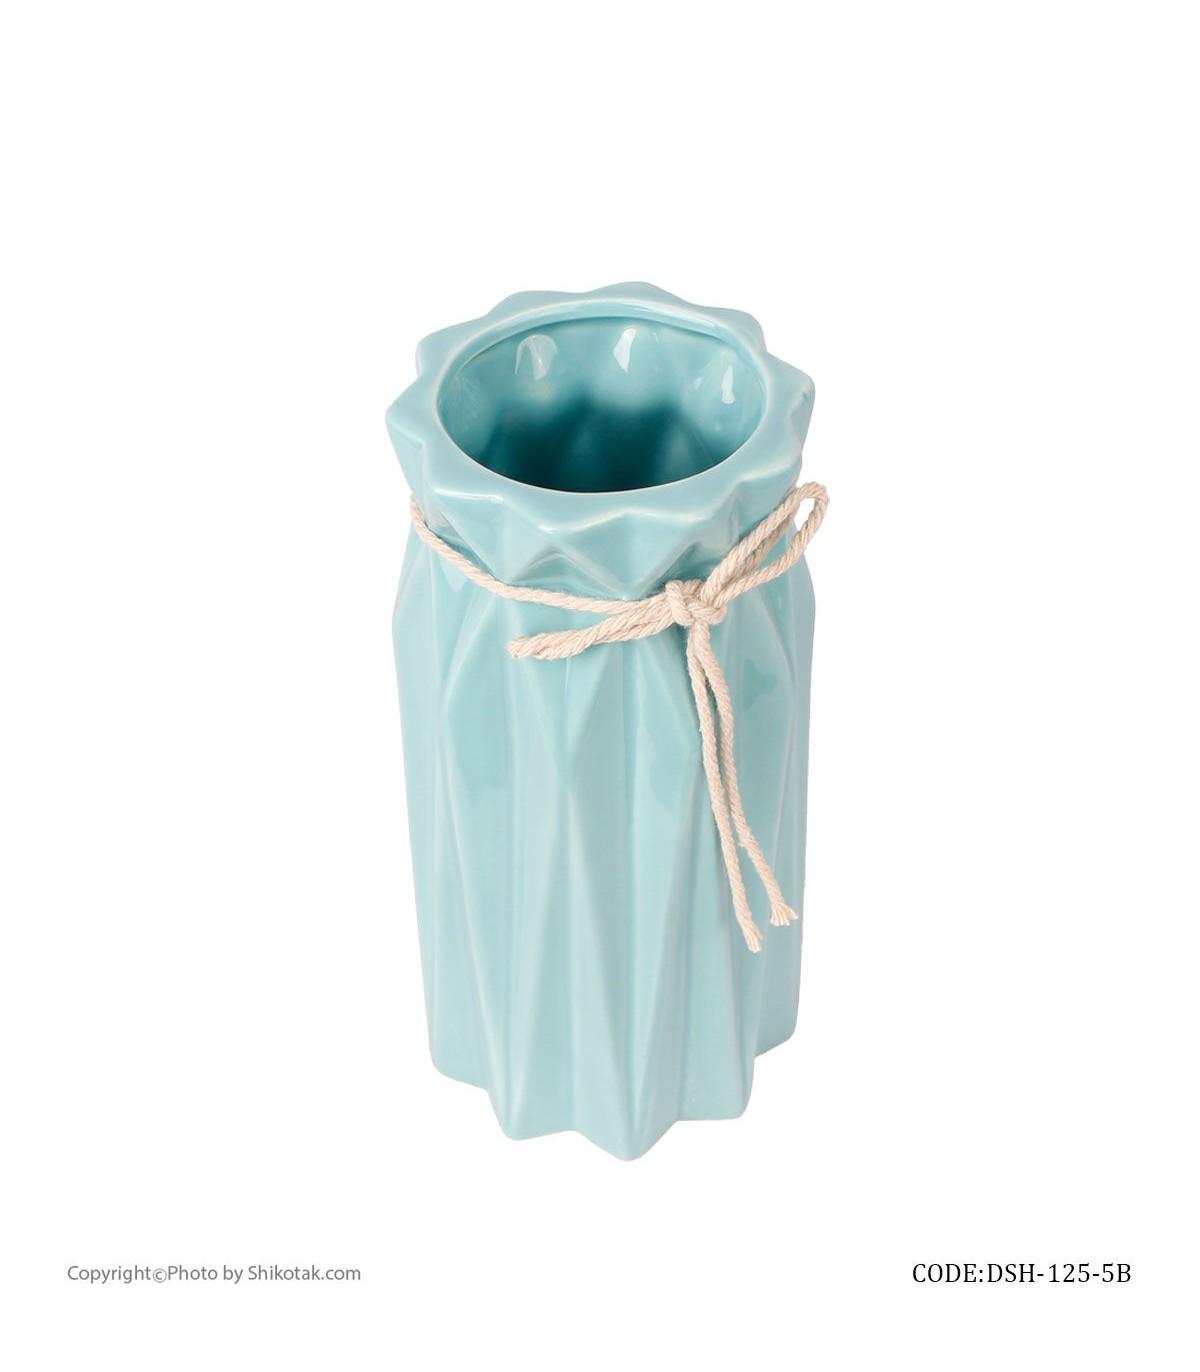 قیمت گلدان گل سرامیکی فانتزی بلند آبی